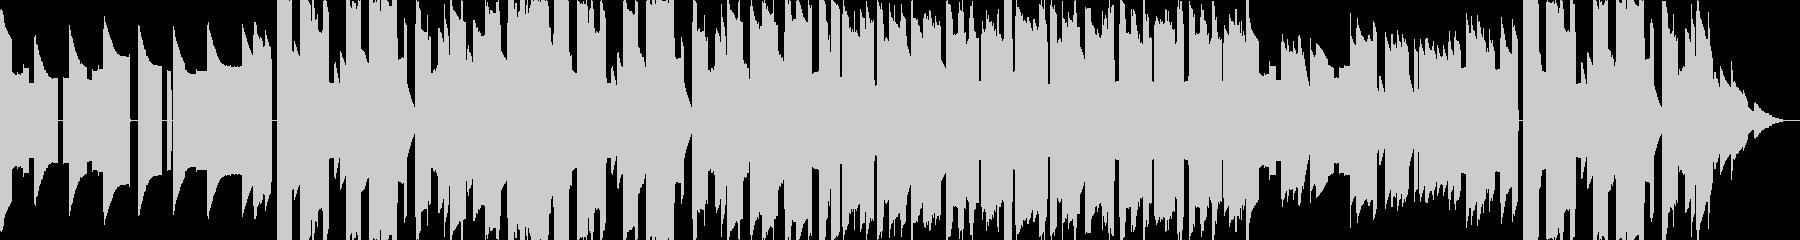 ファミコン風 悲しい雰囲気のBGMの未再生の波形